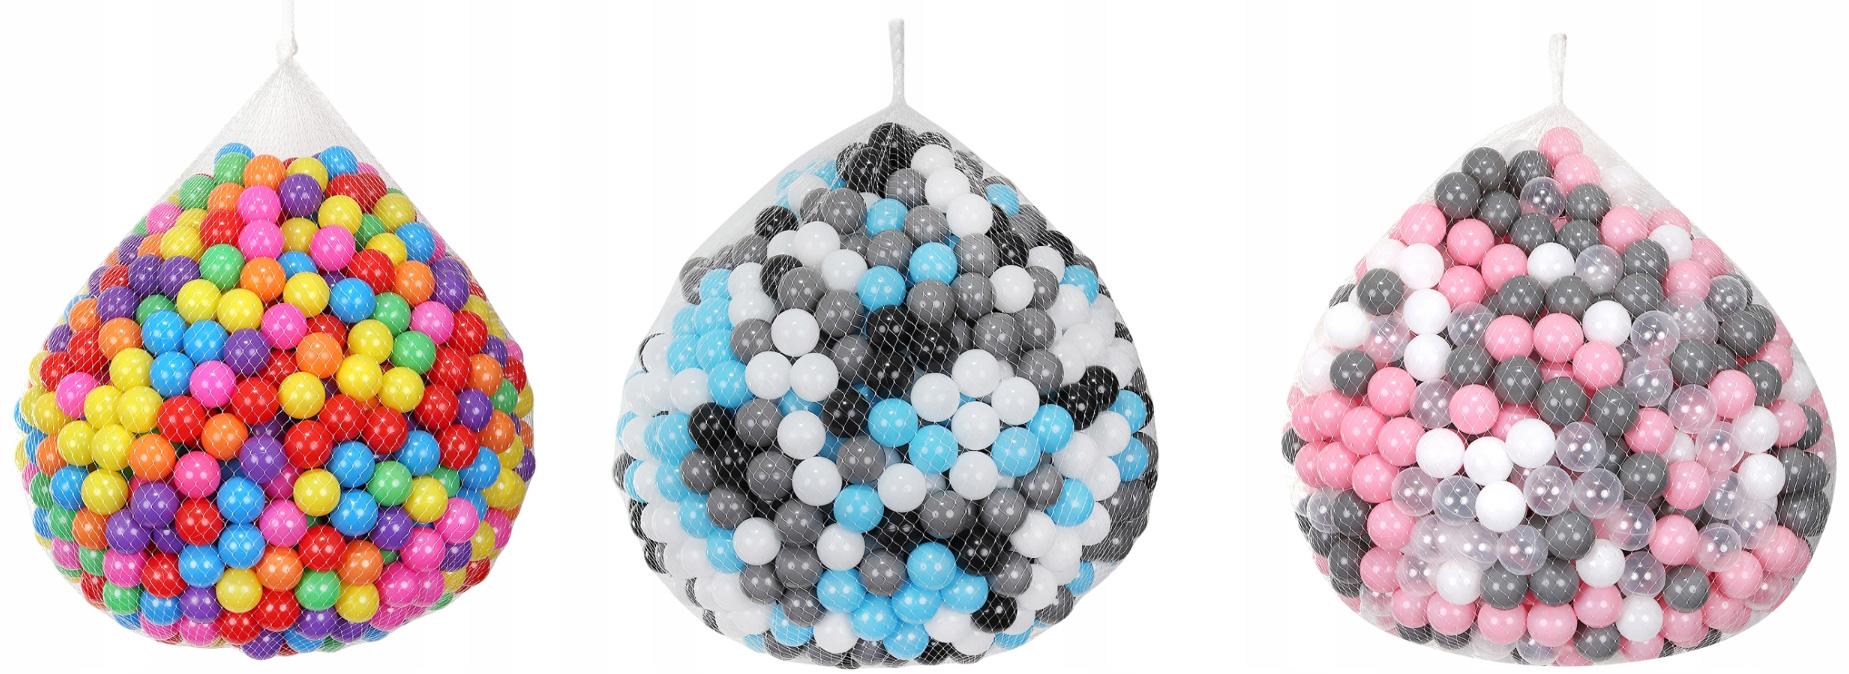 Piłeczki 1000 sztuk piłki do placu zabaw brodzika namiotu suchego basenu